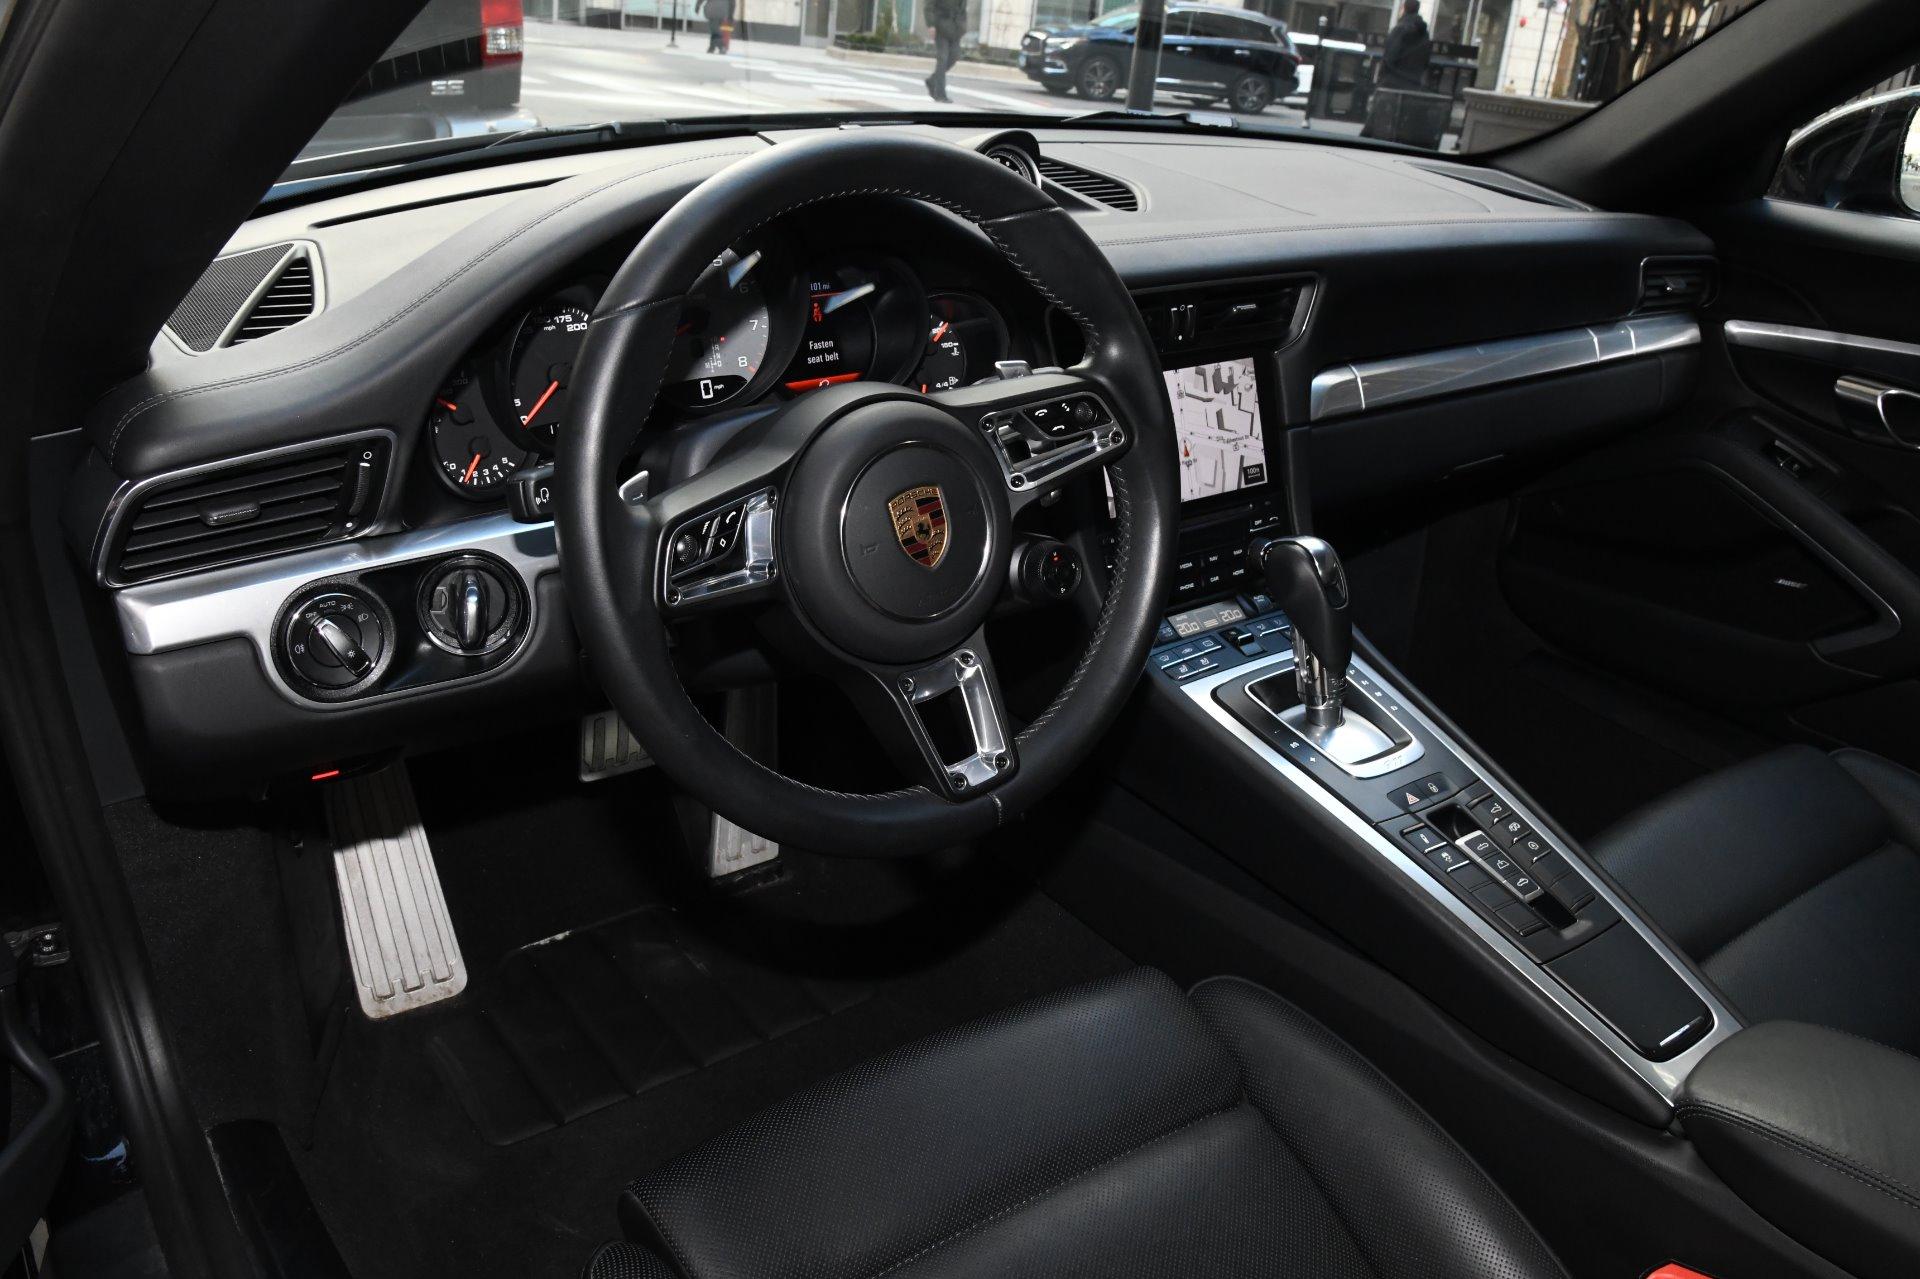 Used 2017 Porsche 911 Carrera 4S | Chicago, IL